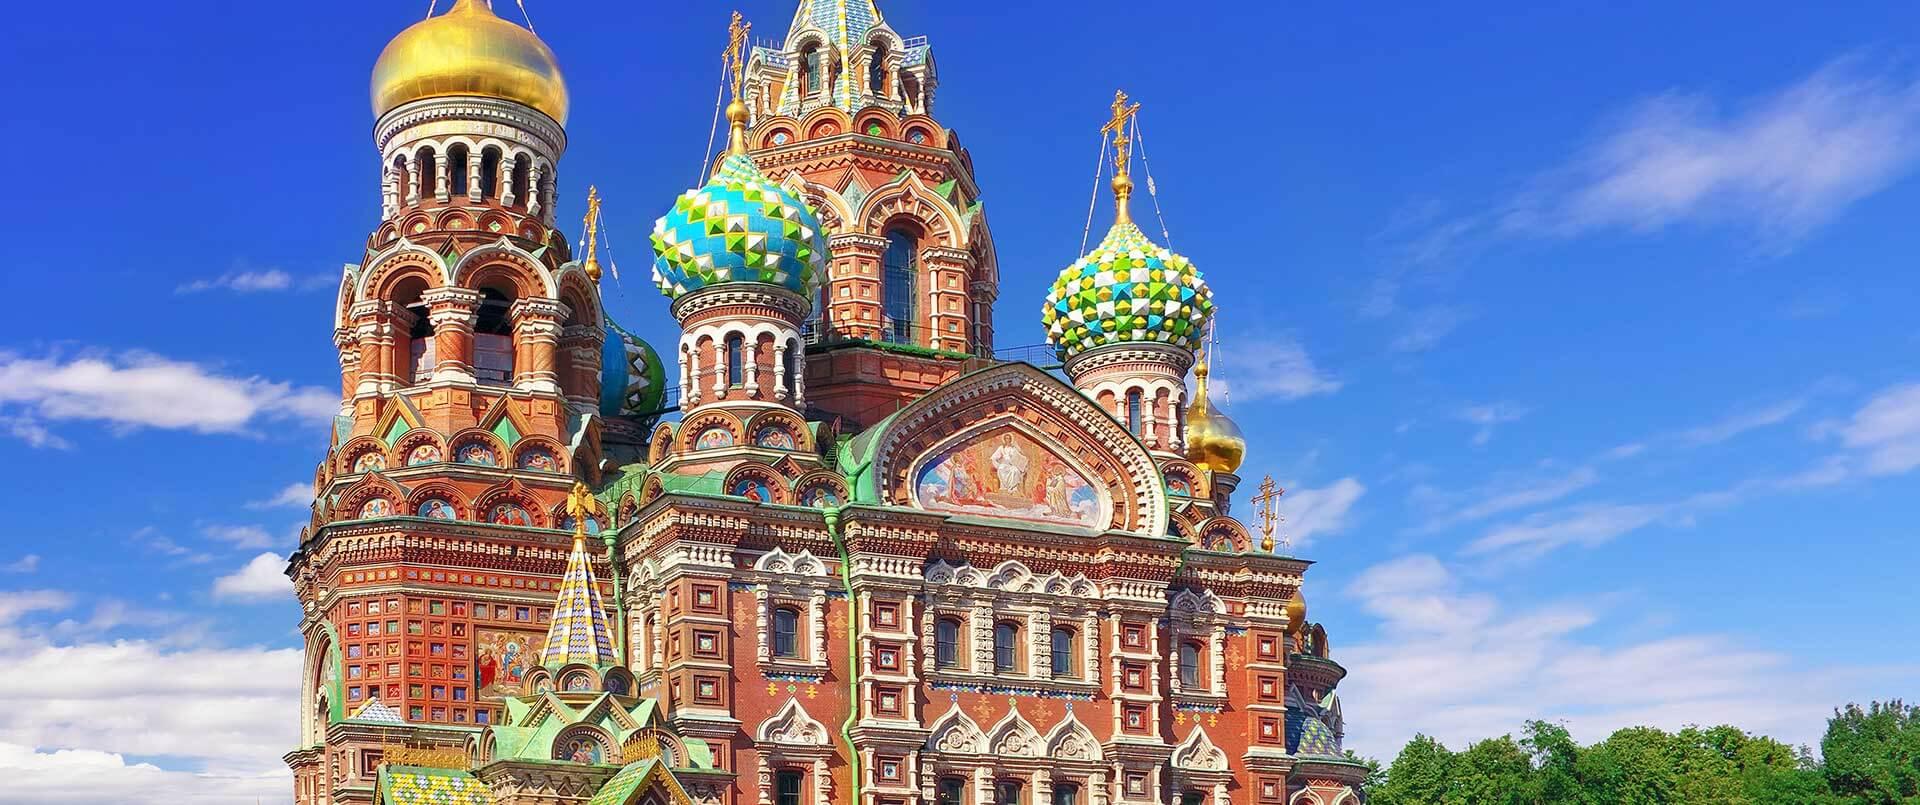 A Long Weekend in St Petersburg